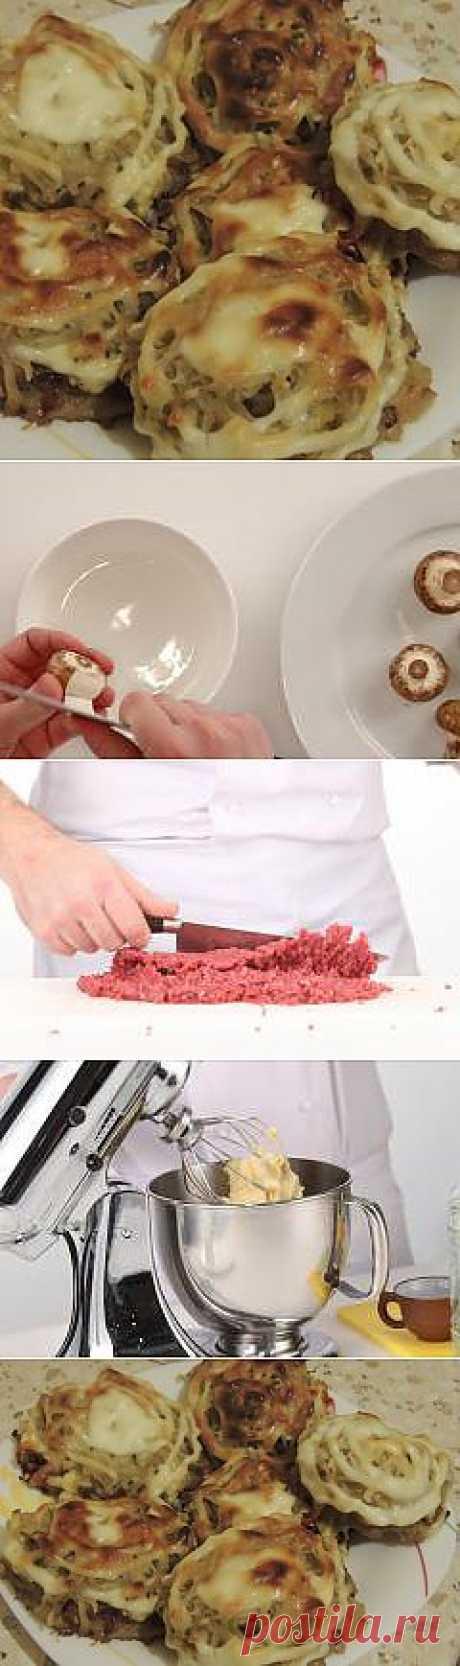 Стожки с фаршем, грибами и тертым картофелем рецепт – основные блюда. «Афиша-Еда»